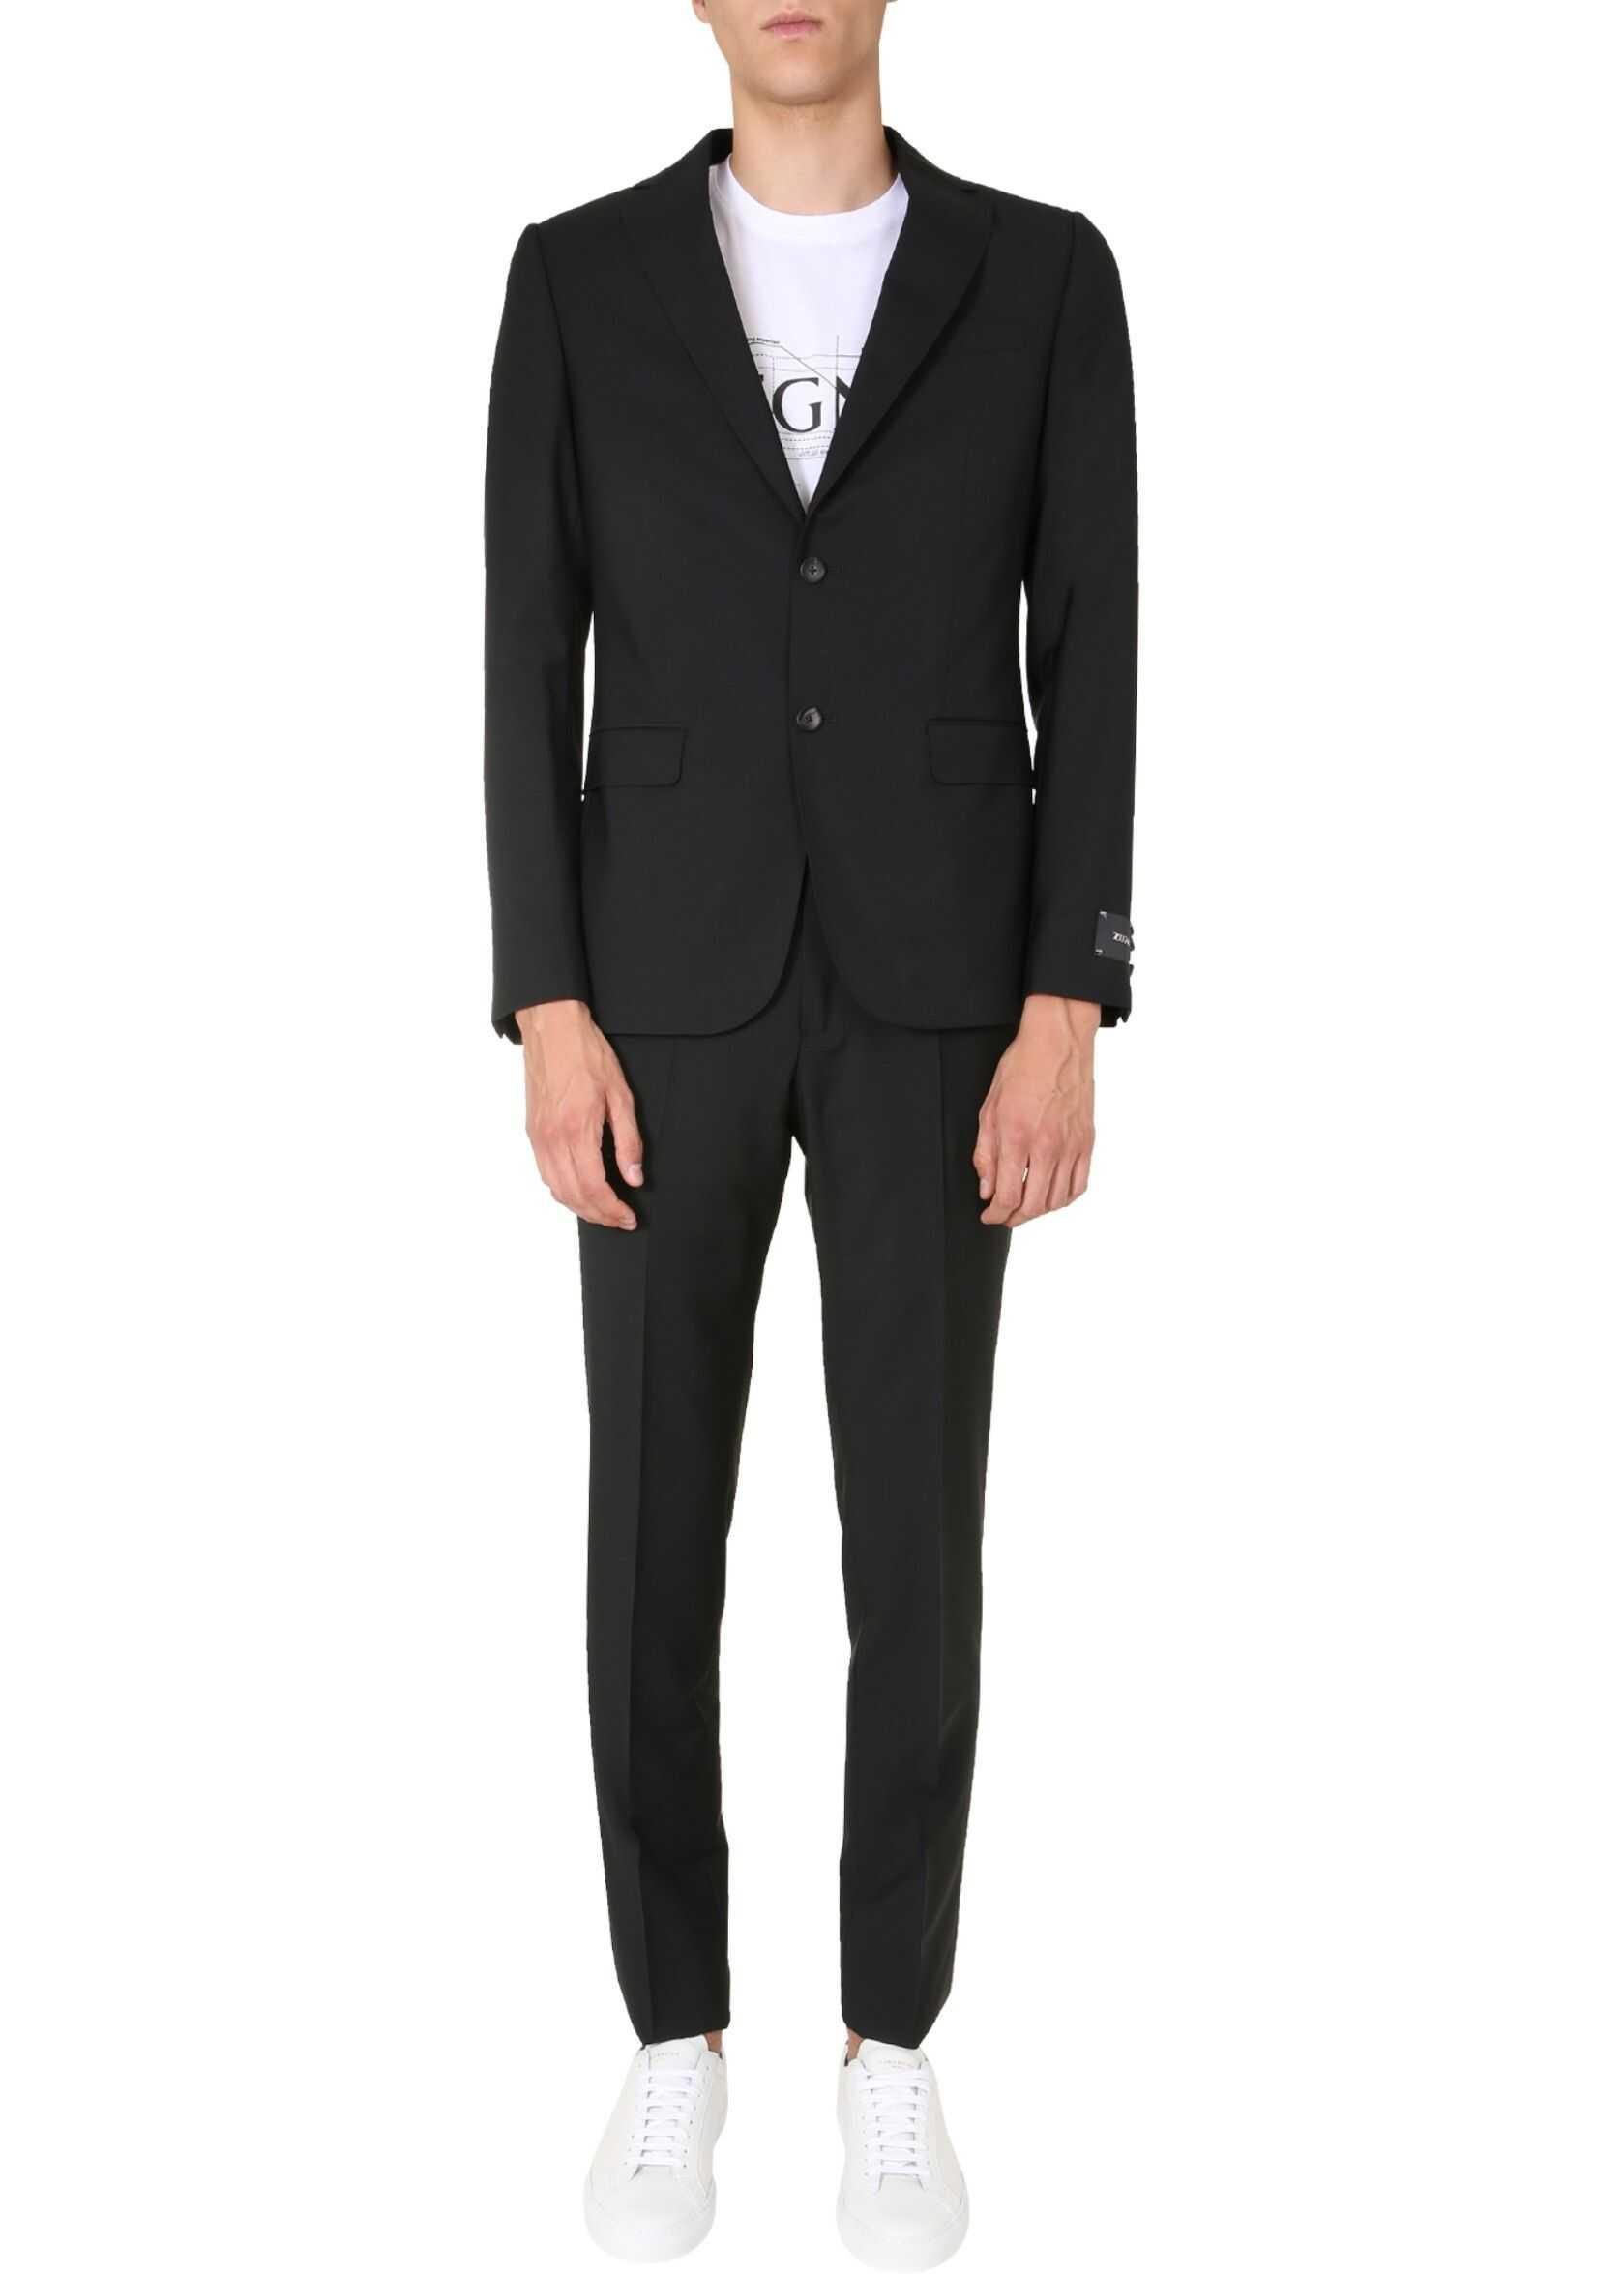 Z Zegna Slim Fit Suit BLACK imagine